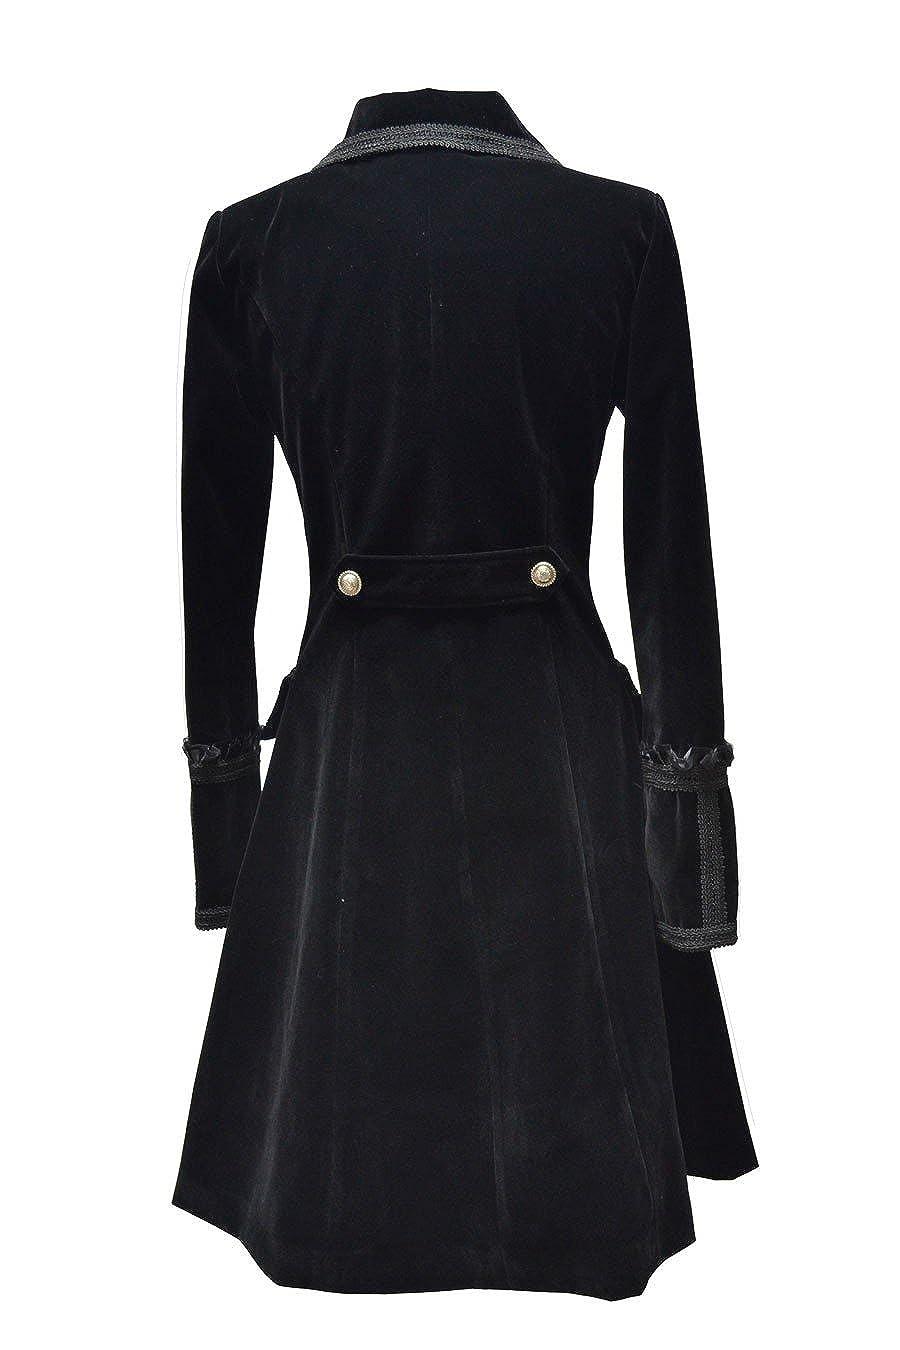 Pentagramme Manteaux Femme Velours Noir Gothique pour Femme Noir